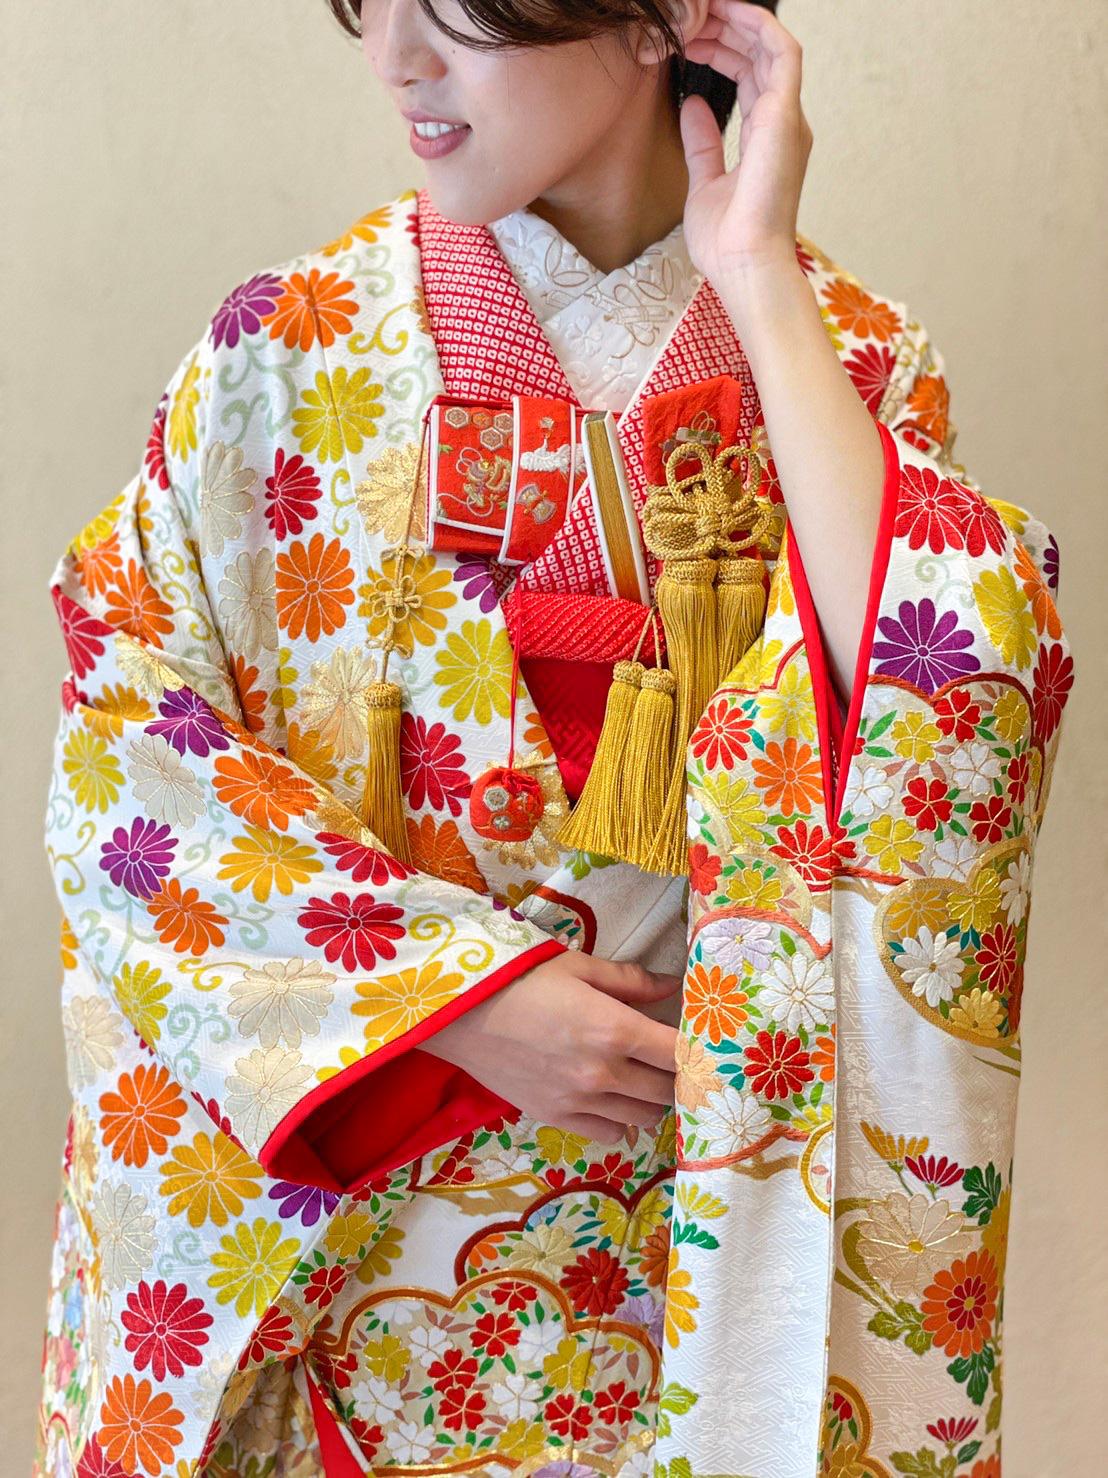 白色をベースに赤やオレンジ色の花がデザインされた色打掛には絞り染めの掛下を合わせてオシャレにコーディネート